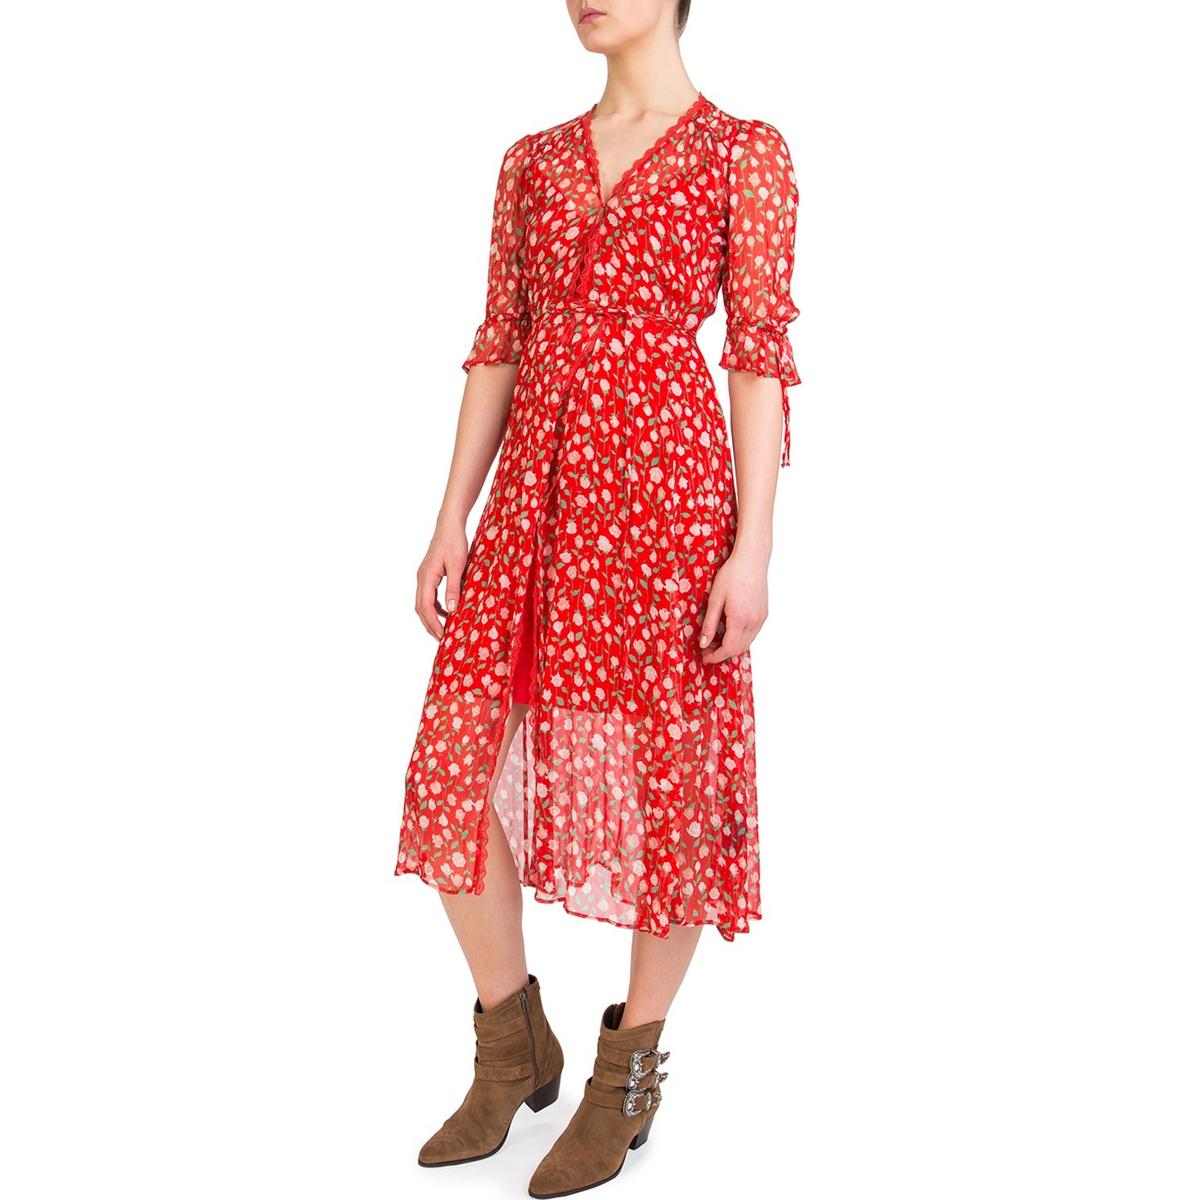 Платье-миди с запахом с рисункомОписание:Платье с длинными рукавами THE KOOPLES. Ткань с рисунком, форма с запахом. Отделка кружевом.Детали •  Форма : с запахом •  Длина до колен •  Длинные рукава    •   V-образный вырез •  Рисунок-принтСостав и уход •  100% вискоза •  Подкладка : 100% полиэстер •  Вторичный материал : 100% полиэстер •  Следуйте рекомендациям по уходу, указанным на этикетке изделия<br><br>Цвет: наб. рисунок красный